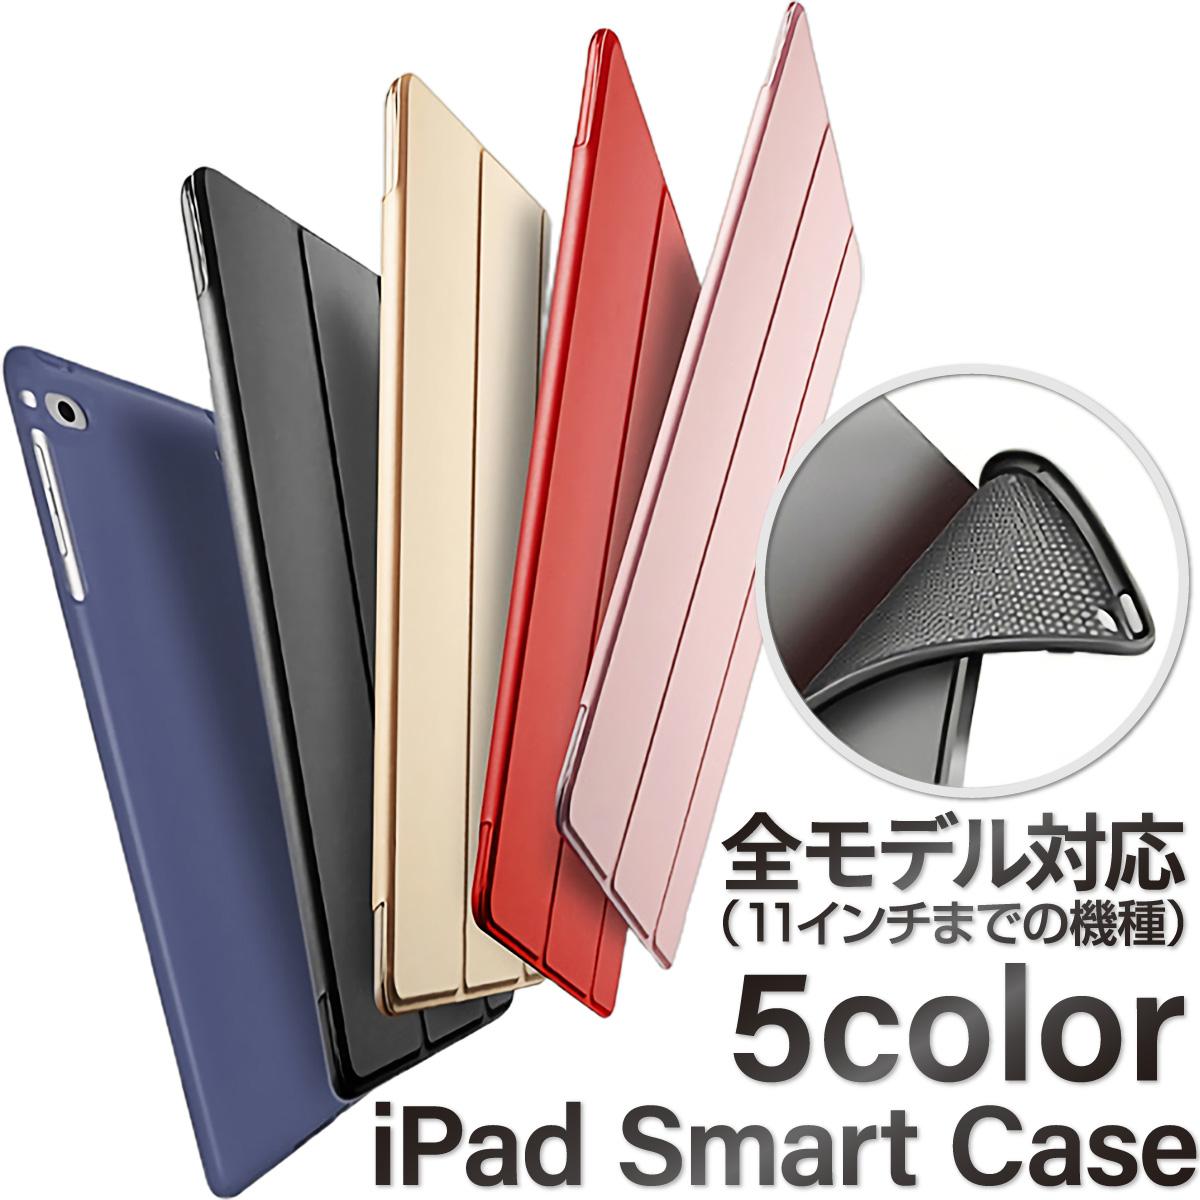 iPad Air4 贈答 ケース ブルーライトカットフィルムセット10.9インチ 第8世代 10.2インチ 第7世代 9.7インチ 第6世代 第5世代 10.5インチ Air3 Air mini4 2 mini5 mini2 宅送 2020 mini3 Pro11 Air2 2018 Pro9.7